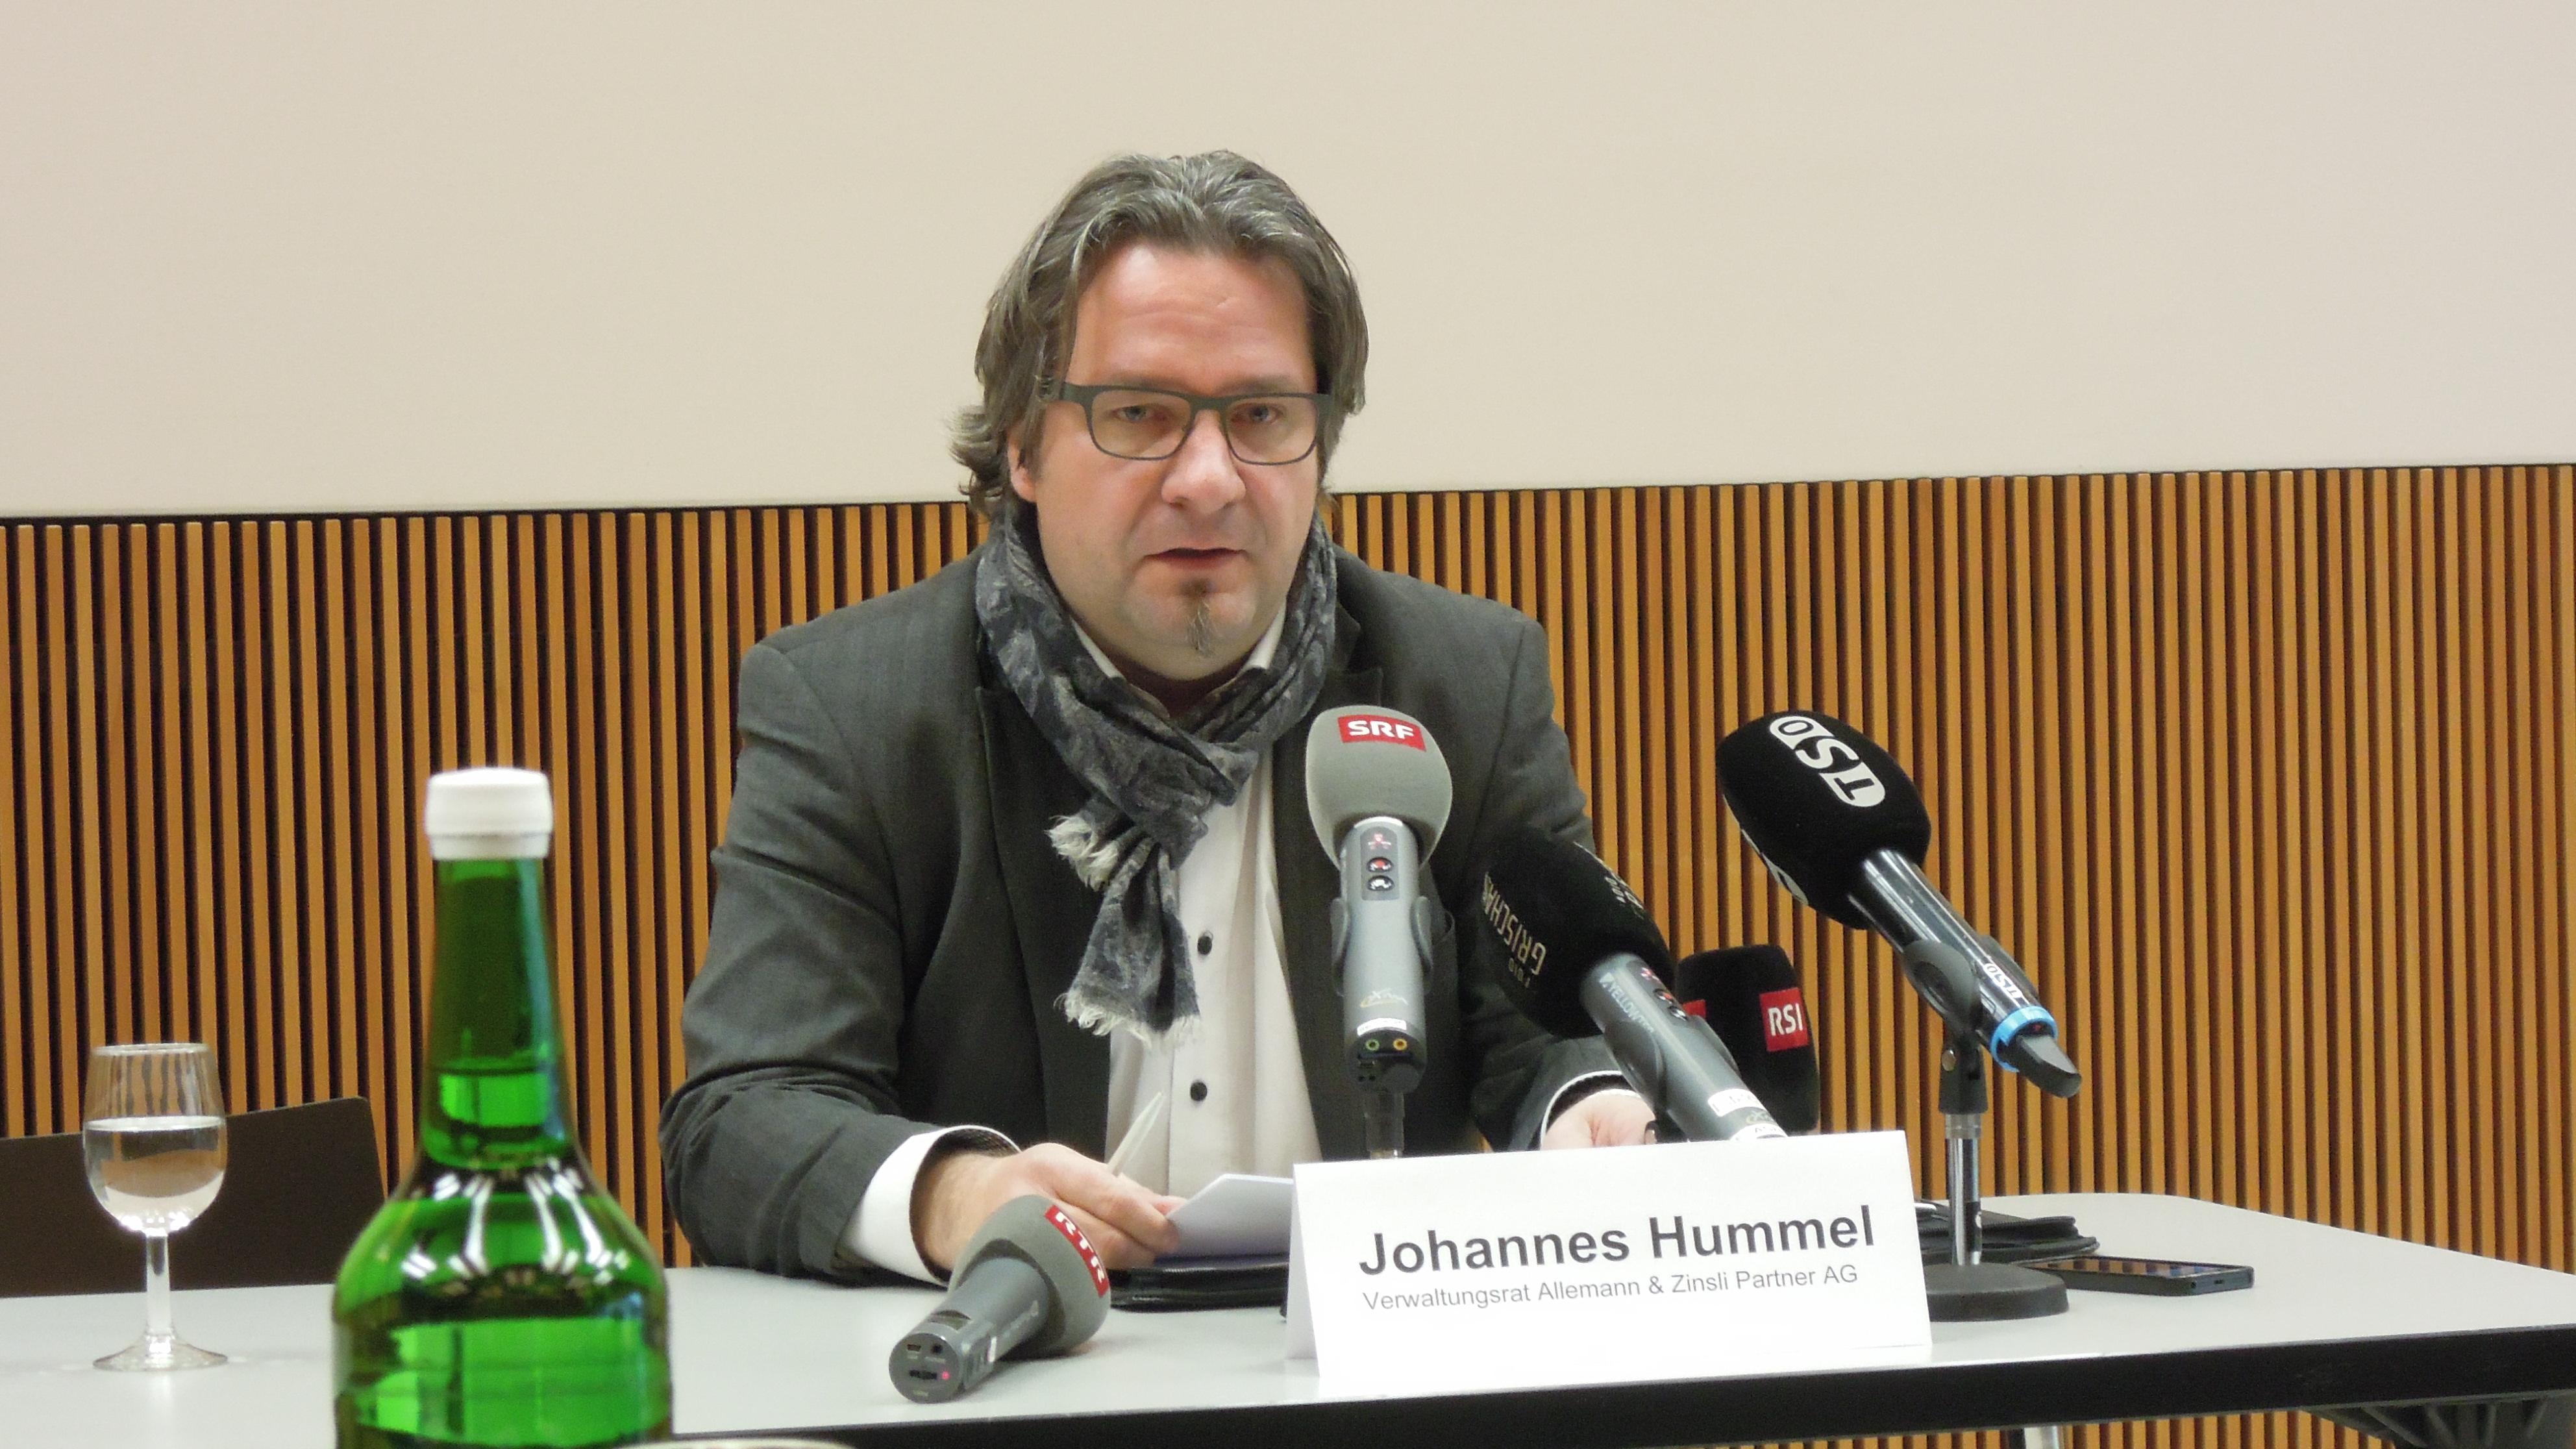 Johannes Hummel dal cussegl d'administraziun da la fatschenta Allemann Zinsli Partenaris SA.